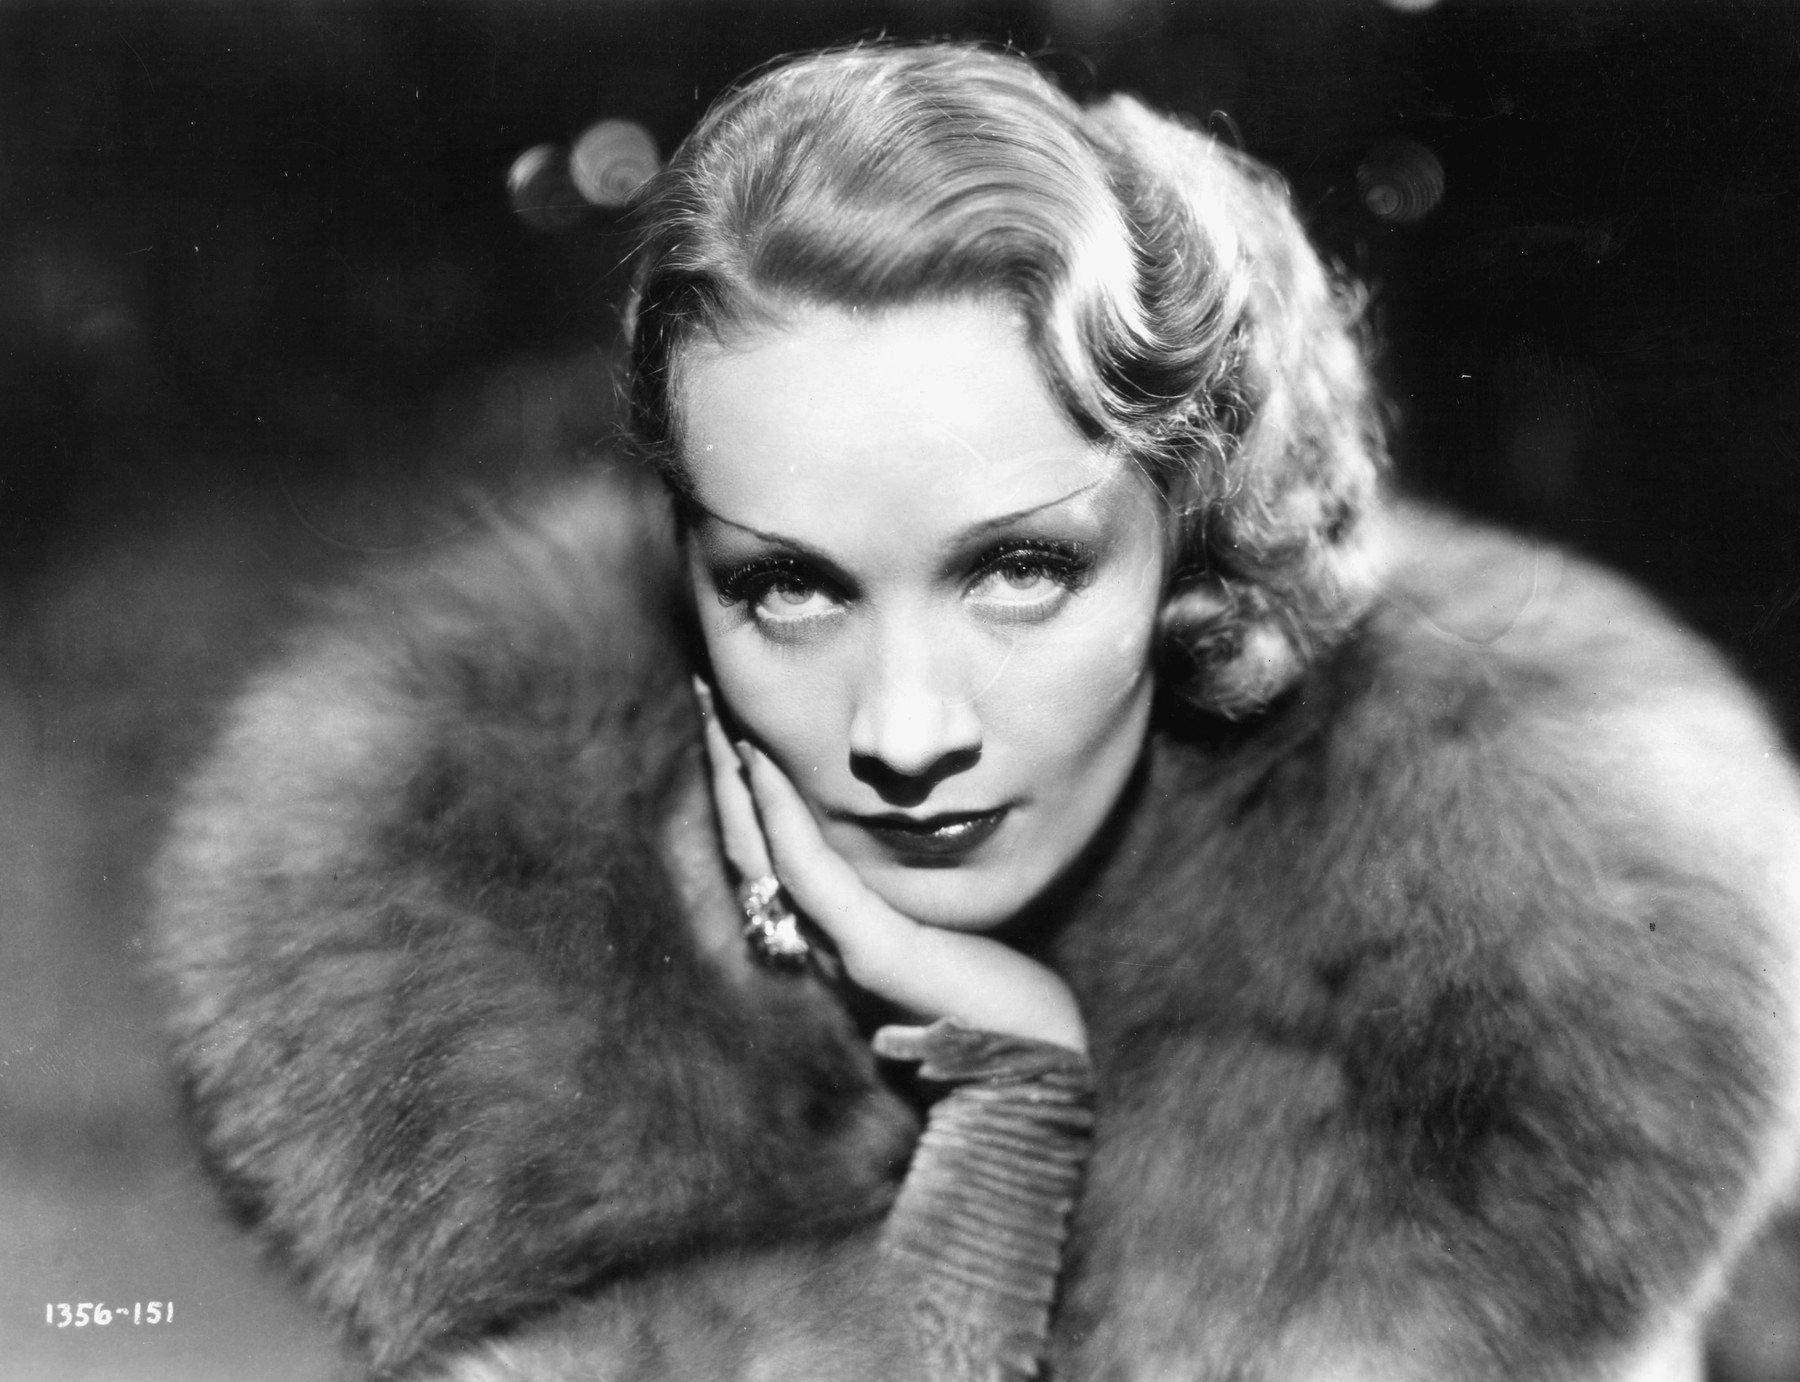 """Dietrich, Marlene Filmschauspielerin und Sängerin, Berlin 27.12.1901 – Paris 6.5.1992.  Rollenbild in """"Schanghai-Express"""" (Shanghai Express).  Foto, 1932., Image: 147360485, License: Rights-managed, Restrictions: For editorial use only., Model Release: no, Credit line: Profimedia, AKG"""